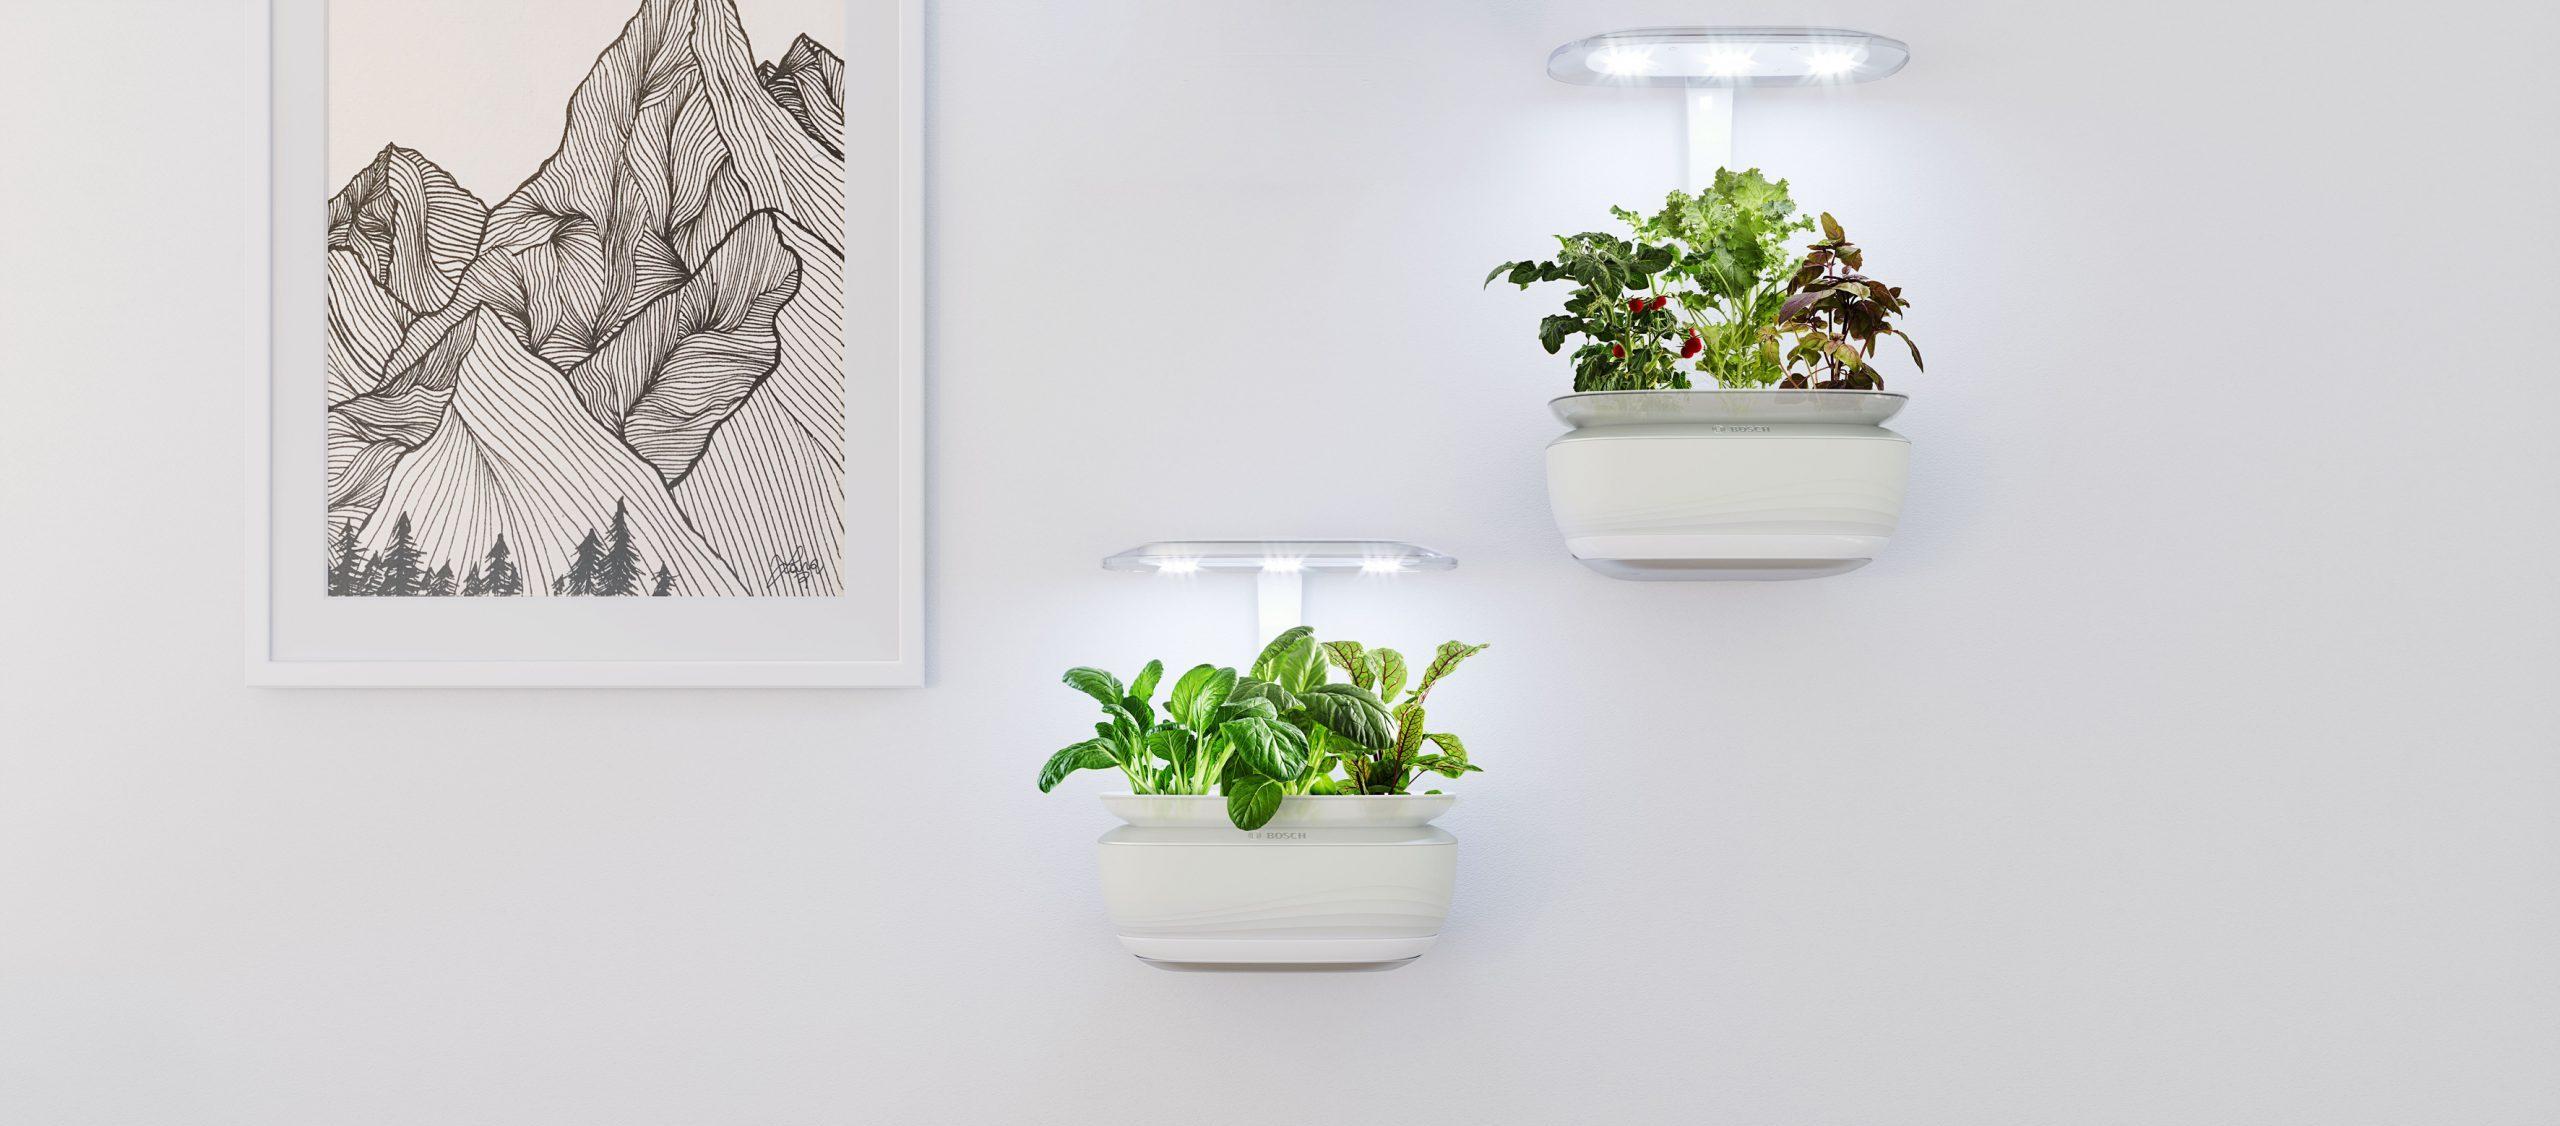 Bosch Smart Grow, ein Highlight in der Wohnung. Foto: Bosch